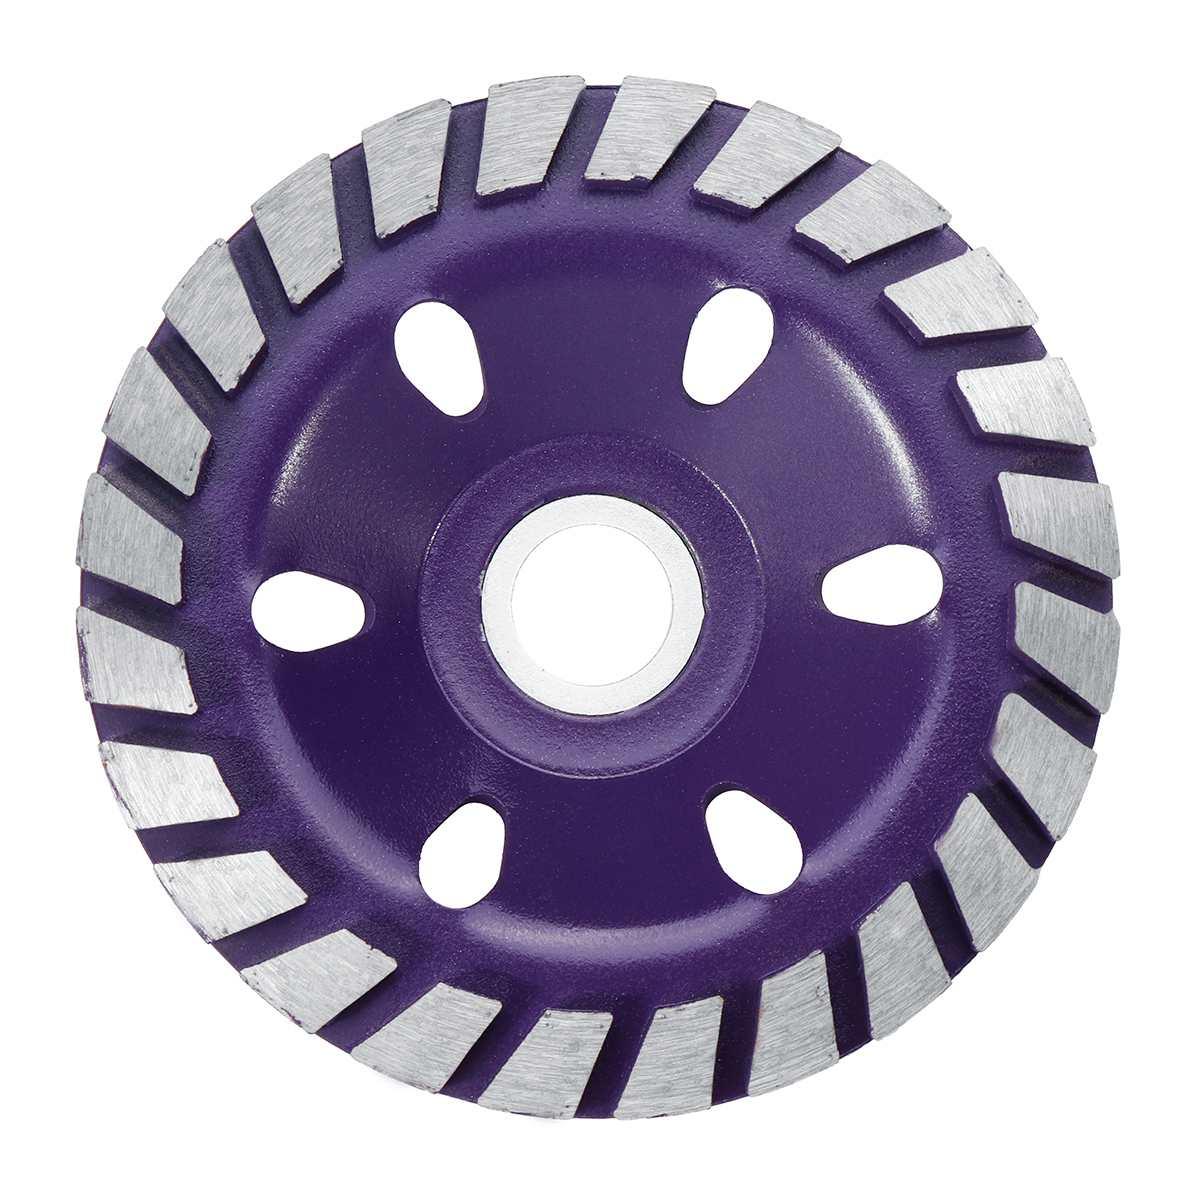 Прочный 5 Тип 4 дюйма 100 мм Алмазный шлифовальный диск шлифовка в форме чаши чашка бетонный гранитный камень Керамика инструменты - Наружный диаметр: Purple